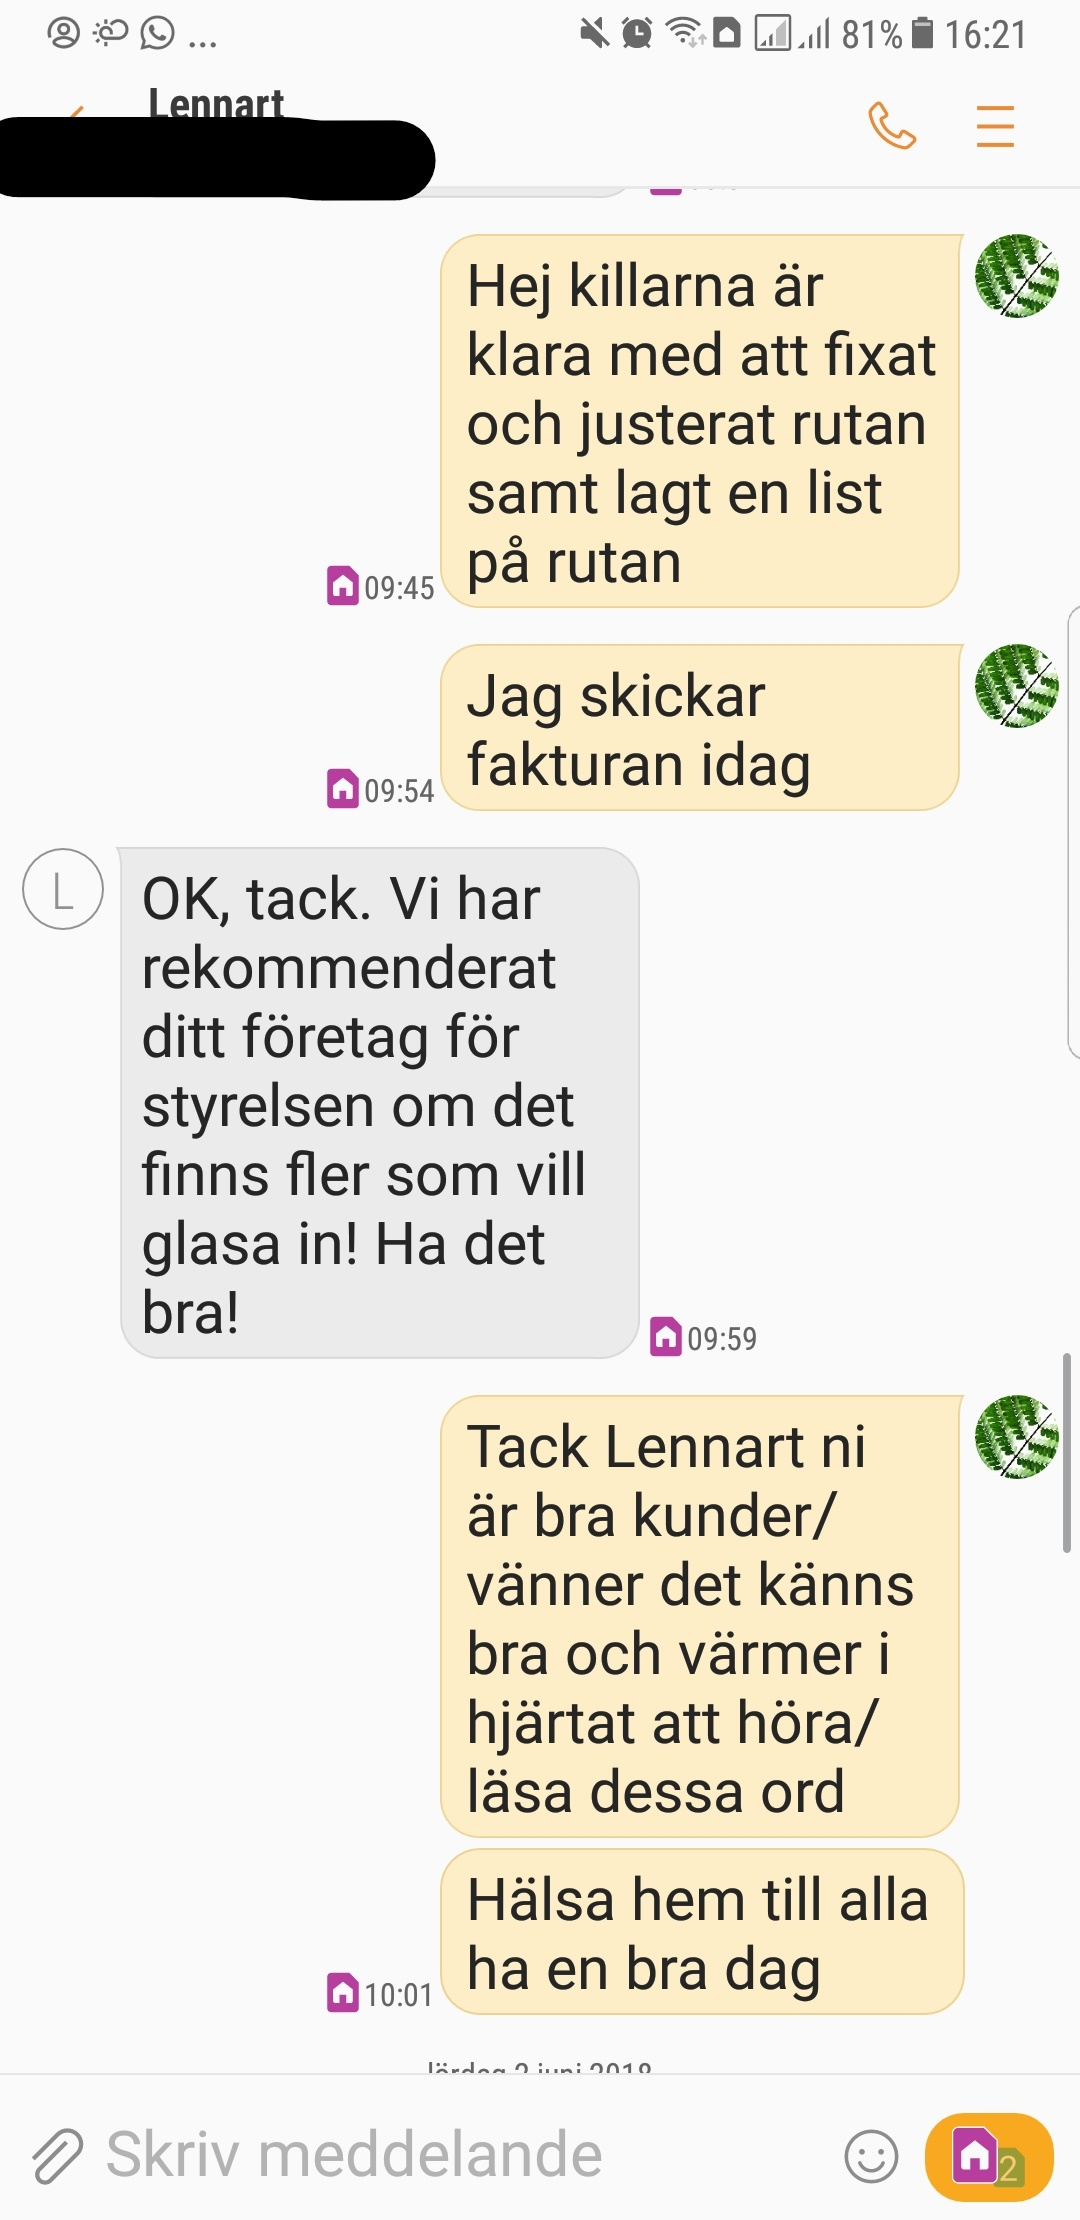 Nöjd Kund Linköping